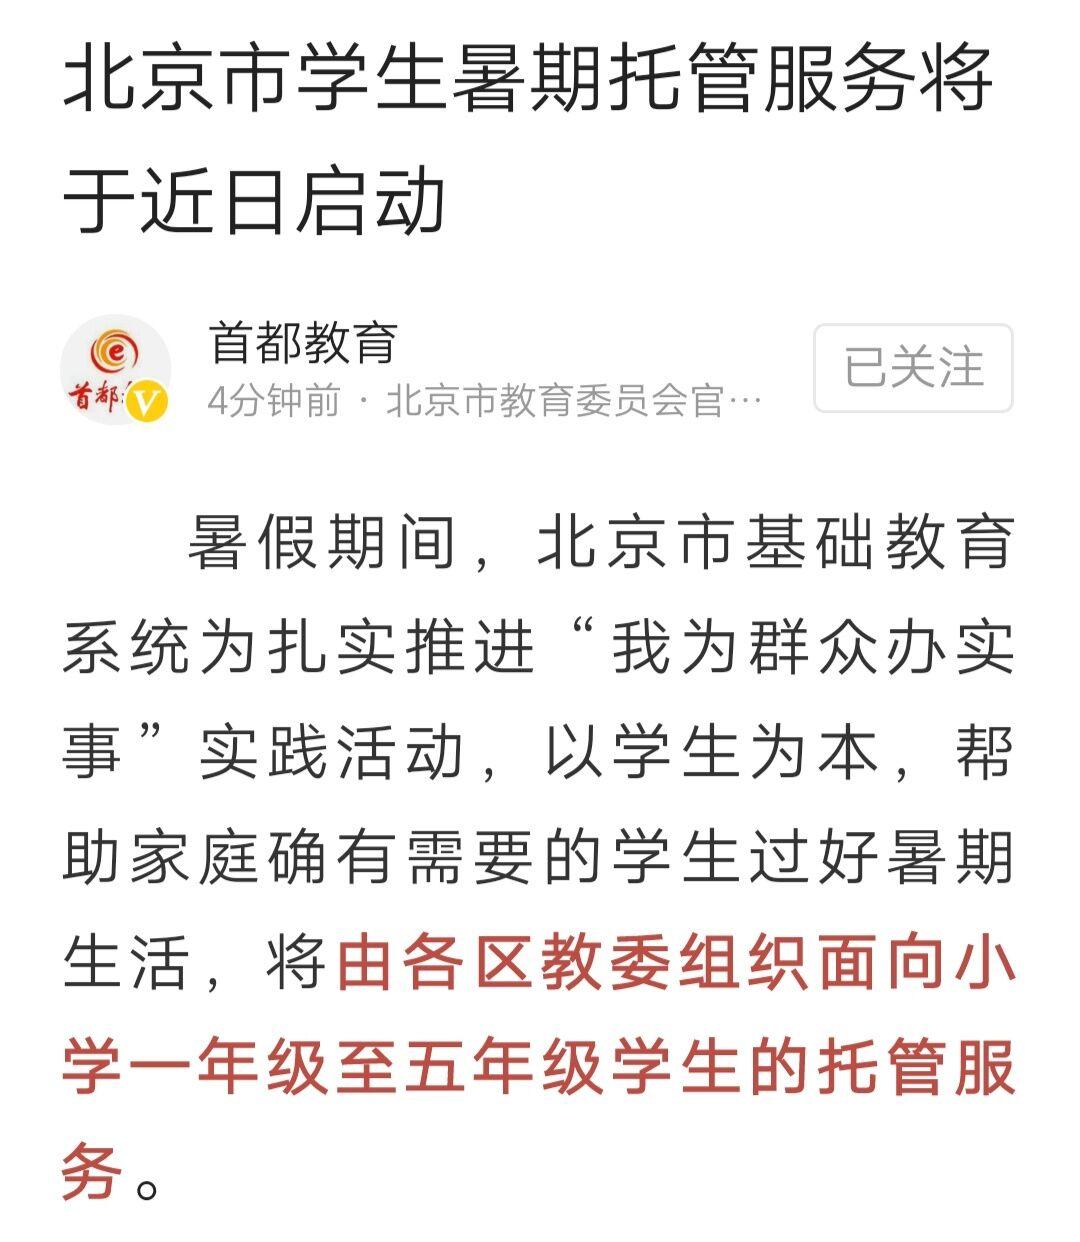 北京将启动学生暑期托管服务,网友:老师辛苦了~